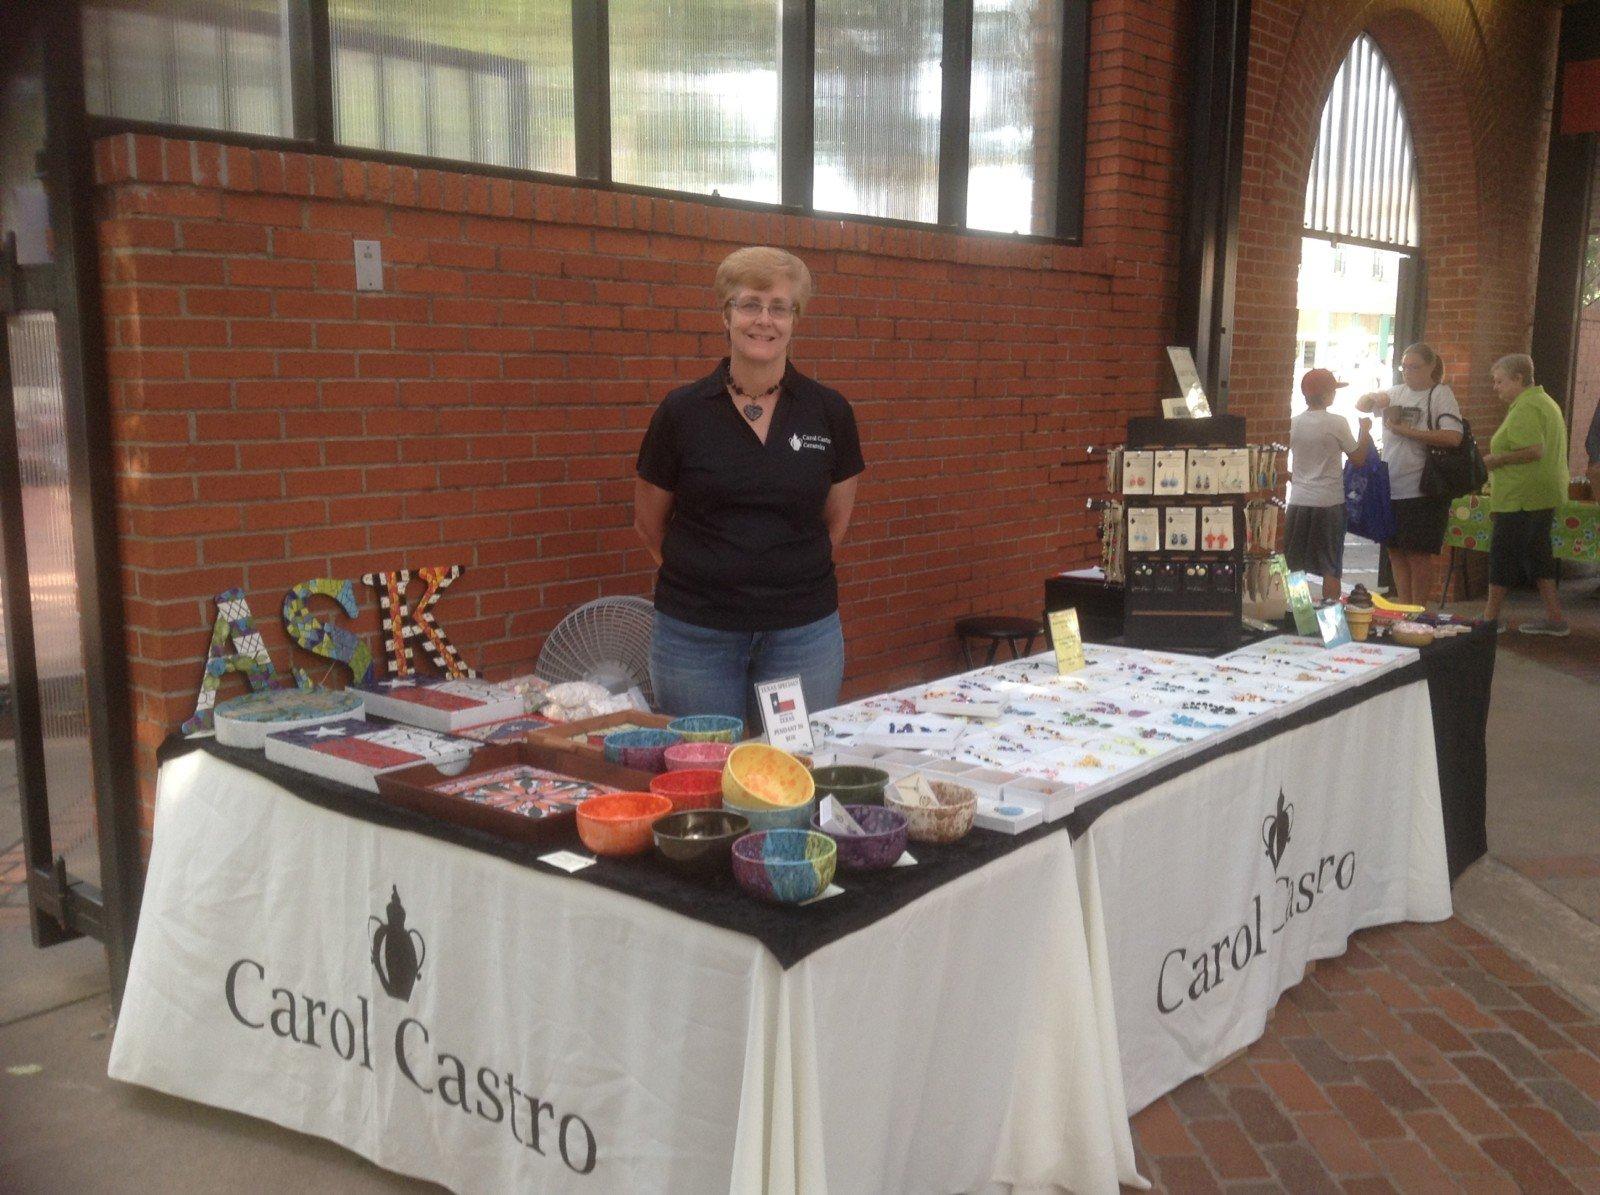 Carol Castro Ceramics